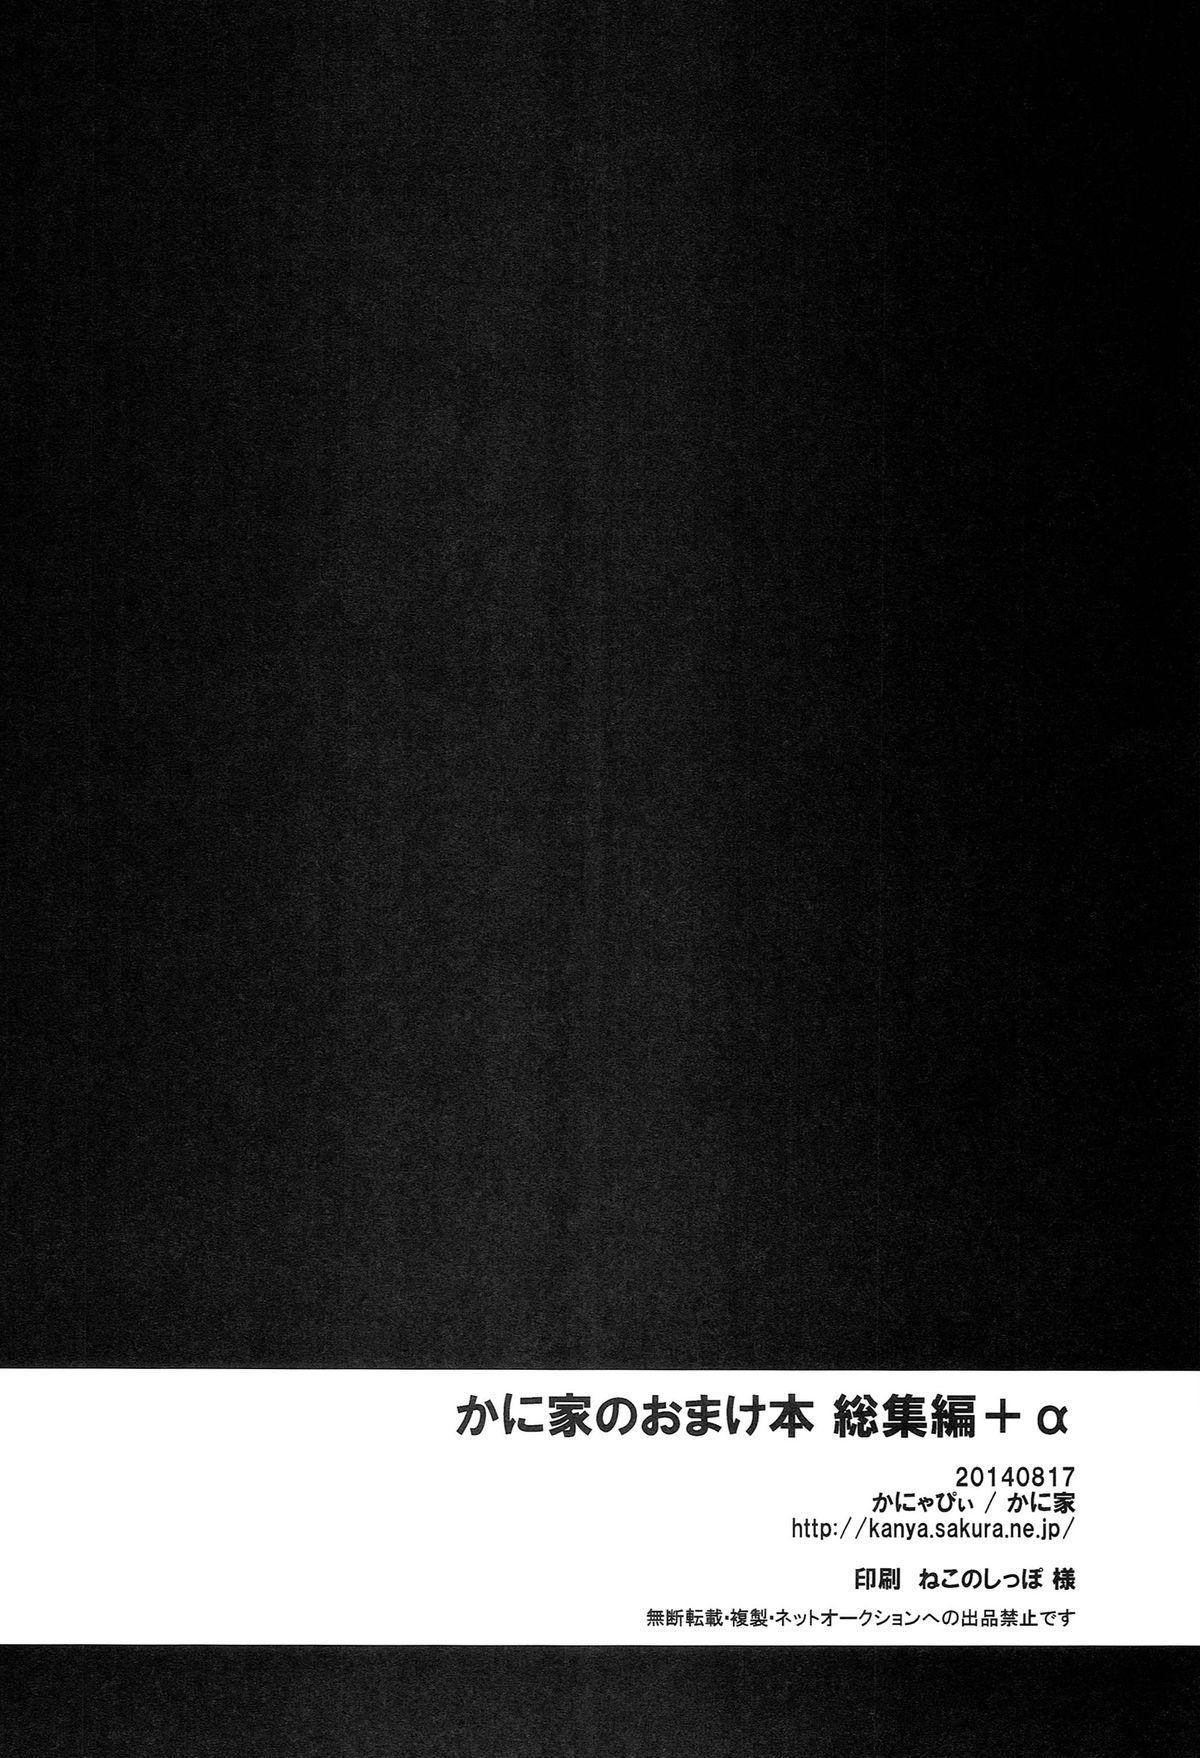 Kaniya no Omake bon Soushuuhen+α 101